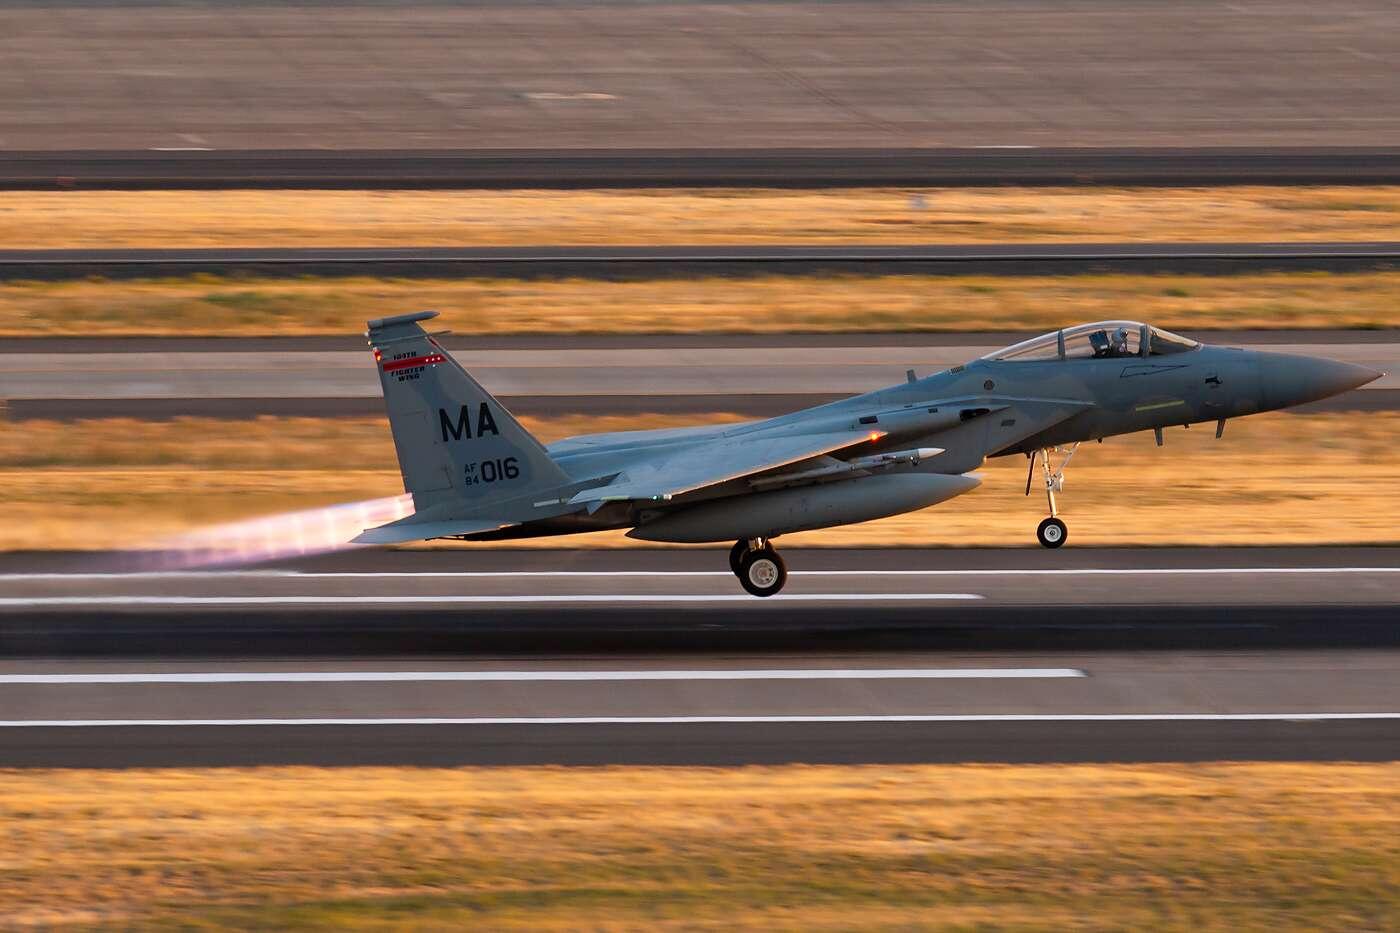 4e1c36224b77 Oregon F-15s Scramble To Seattle To Intercept Possibly Stolen Q400 ...